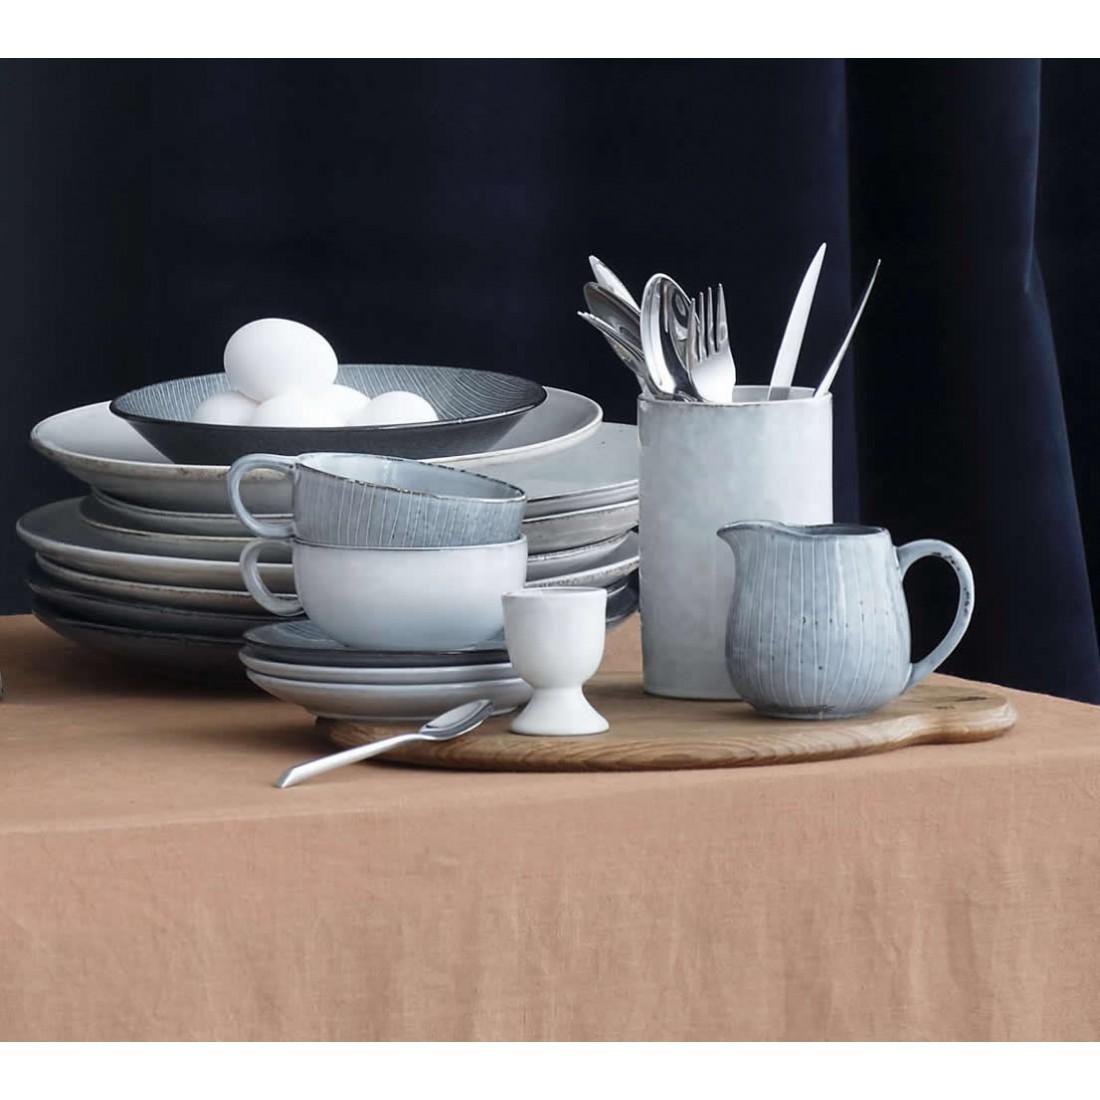 broste nordic sand pastabord. Black Bedroom Furniture Sets. Home Design Ideas